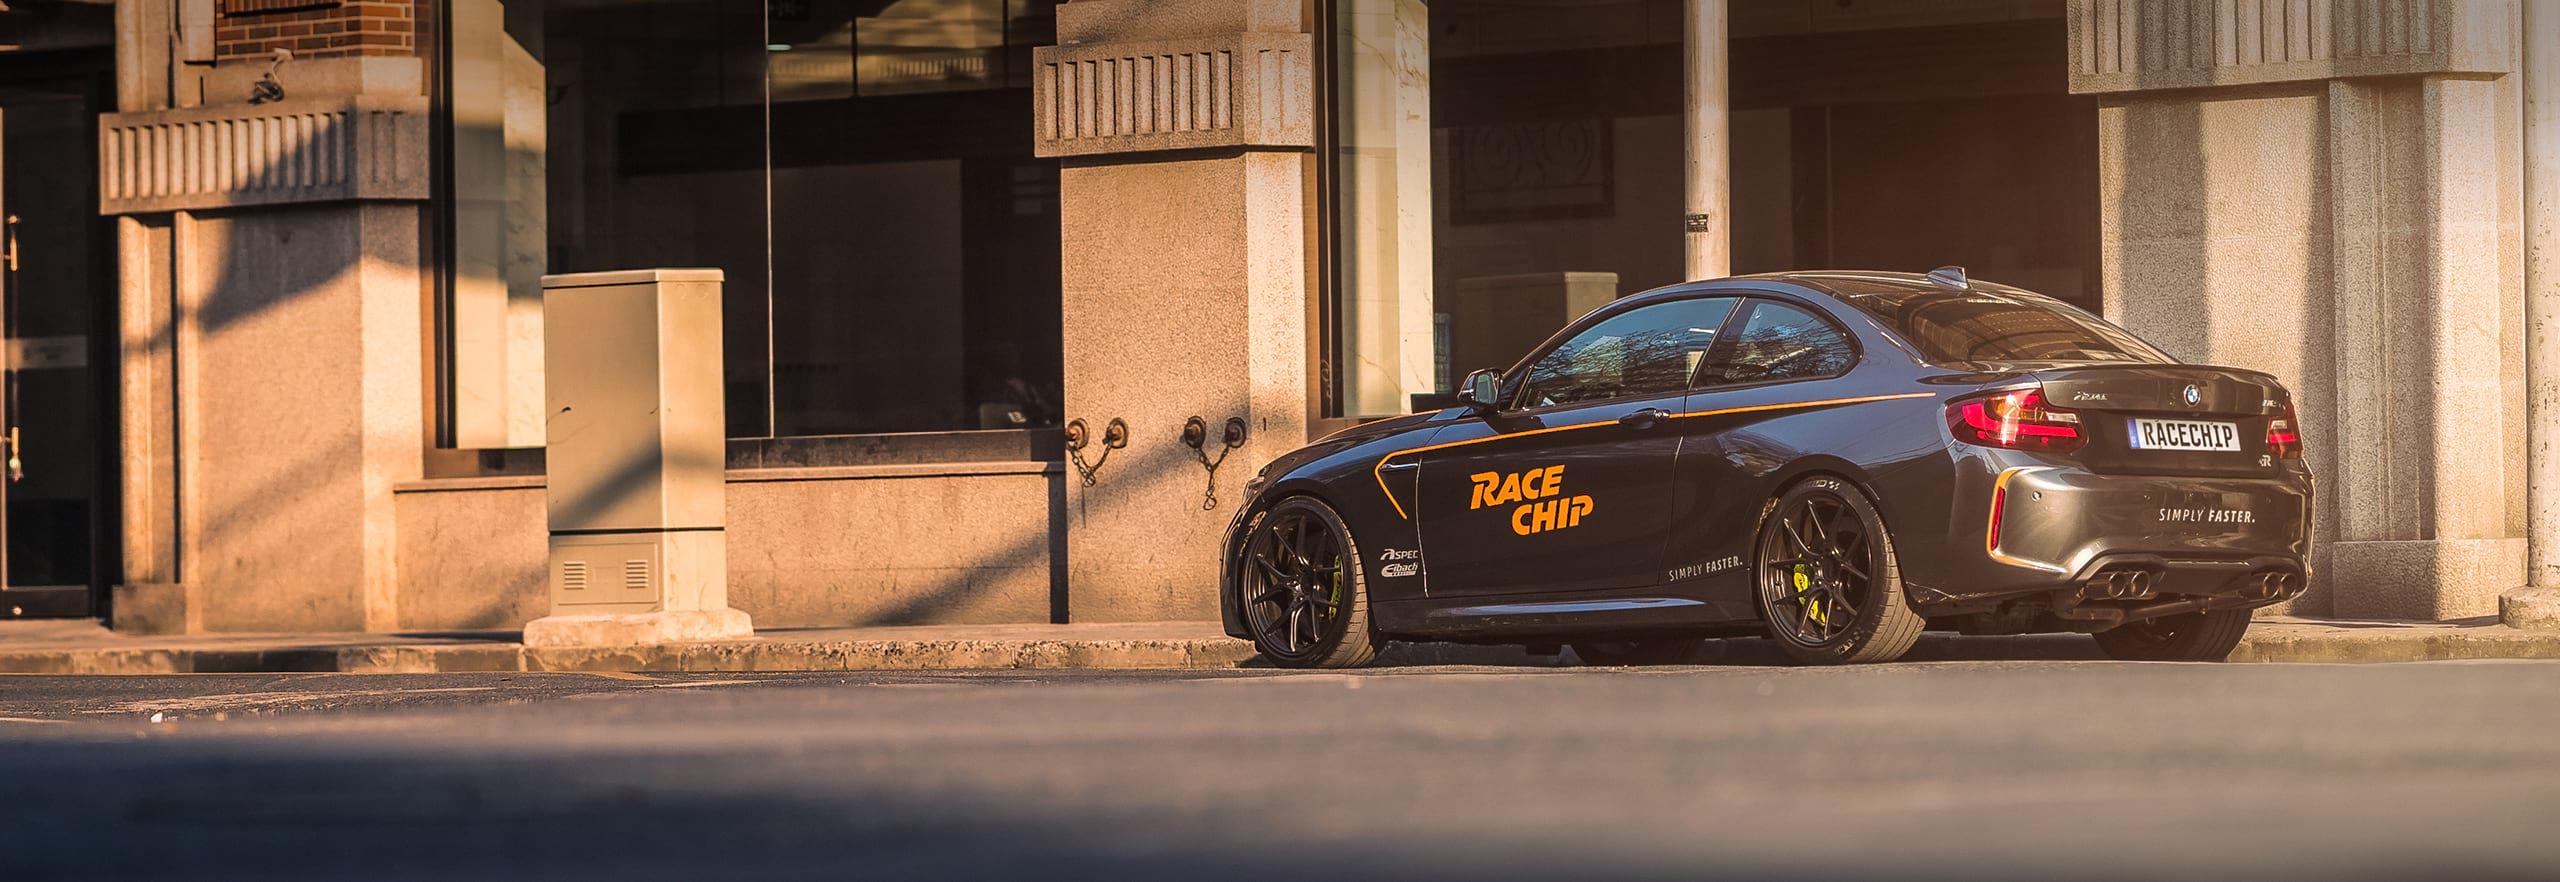 Chiptuning für Ihren BMW im RaceChip Motor Tuning Shop